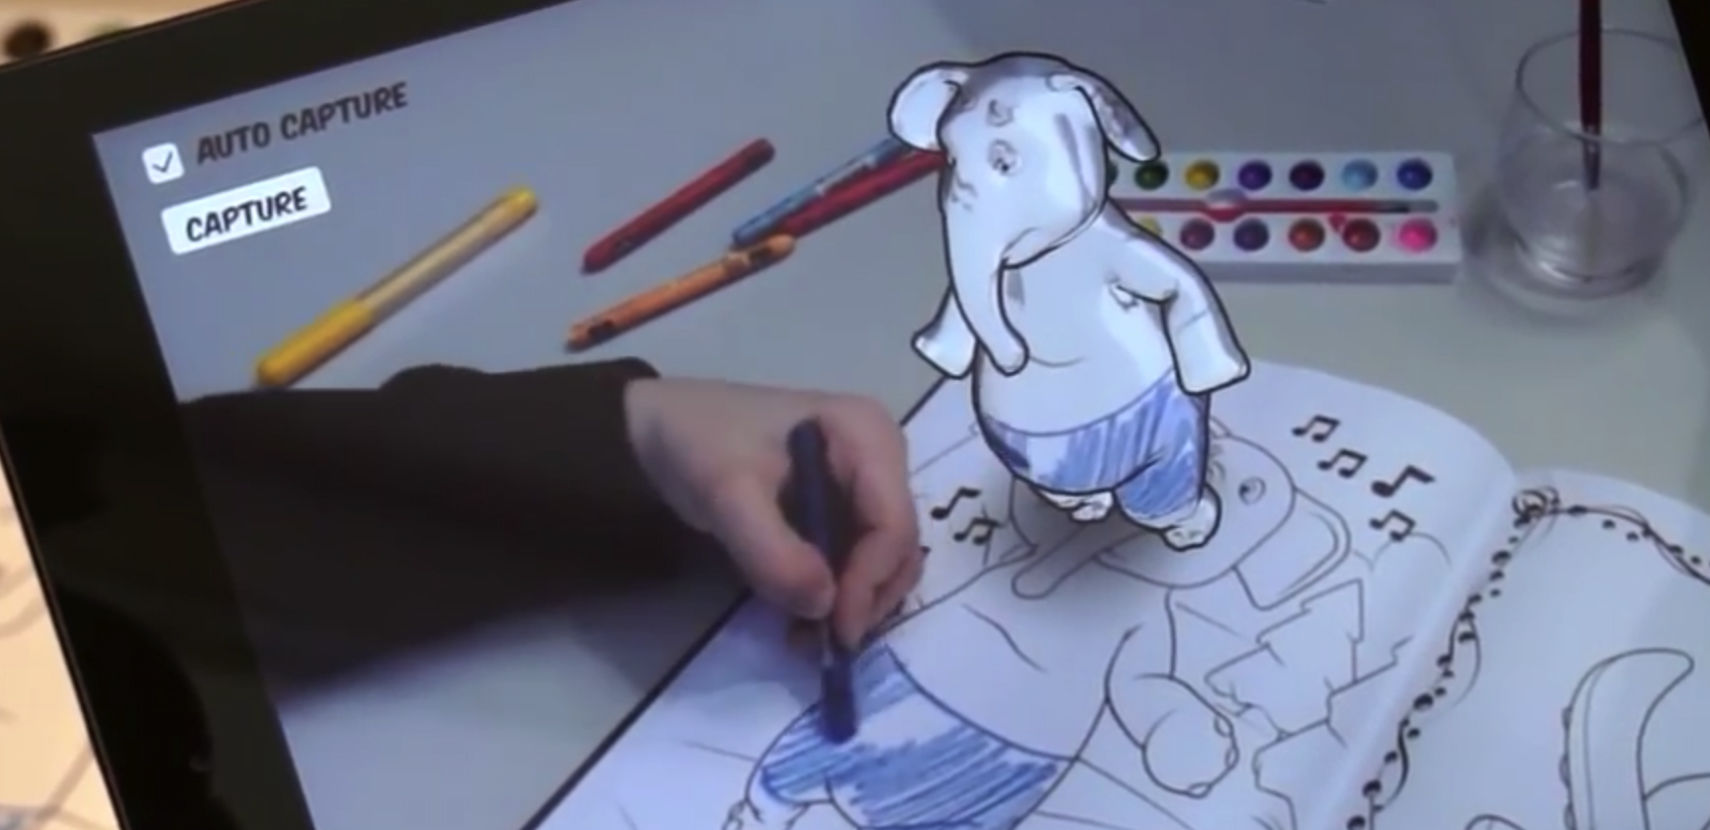 借助 AR 技术,迪士尼能帮你画只立体米老鼠了